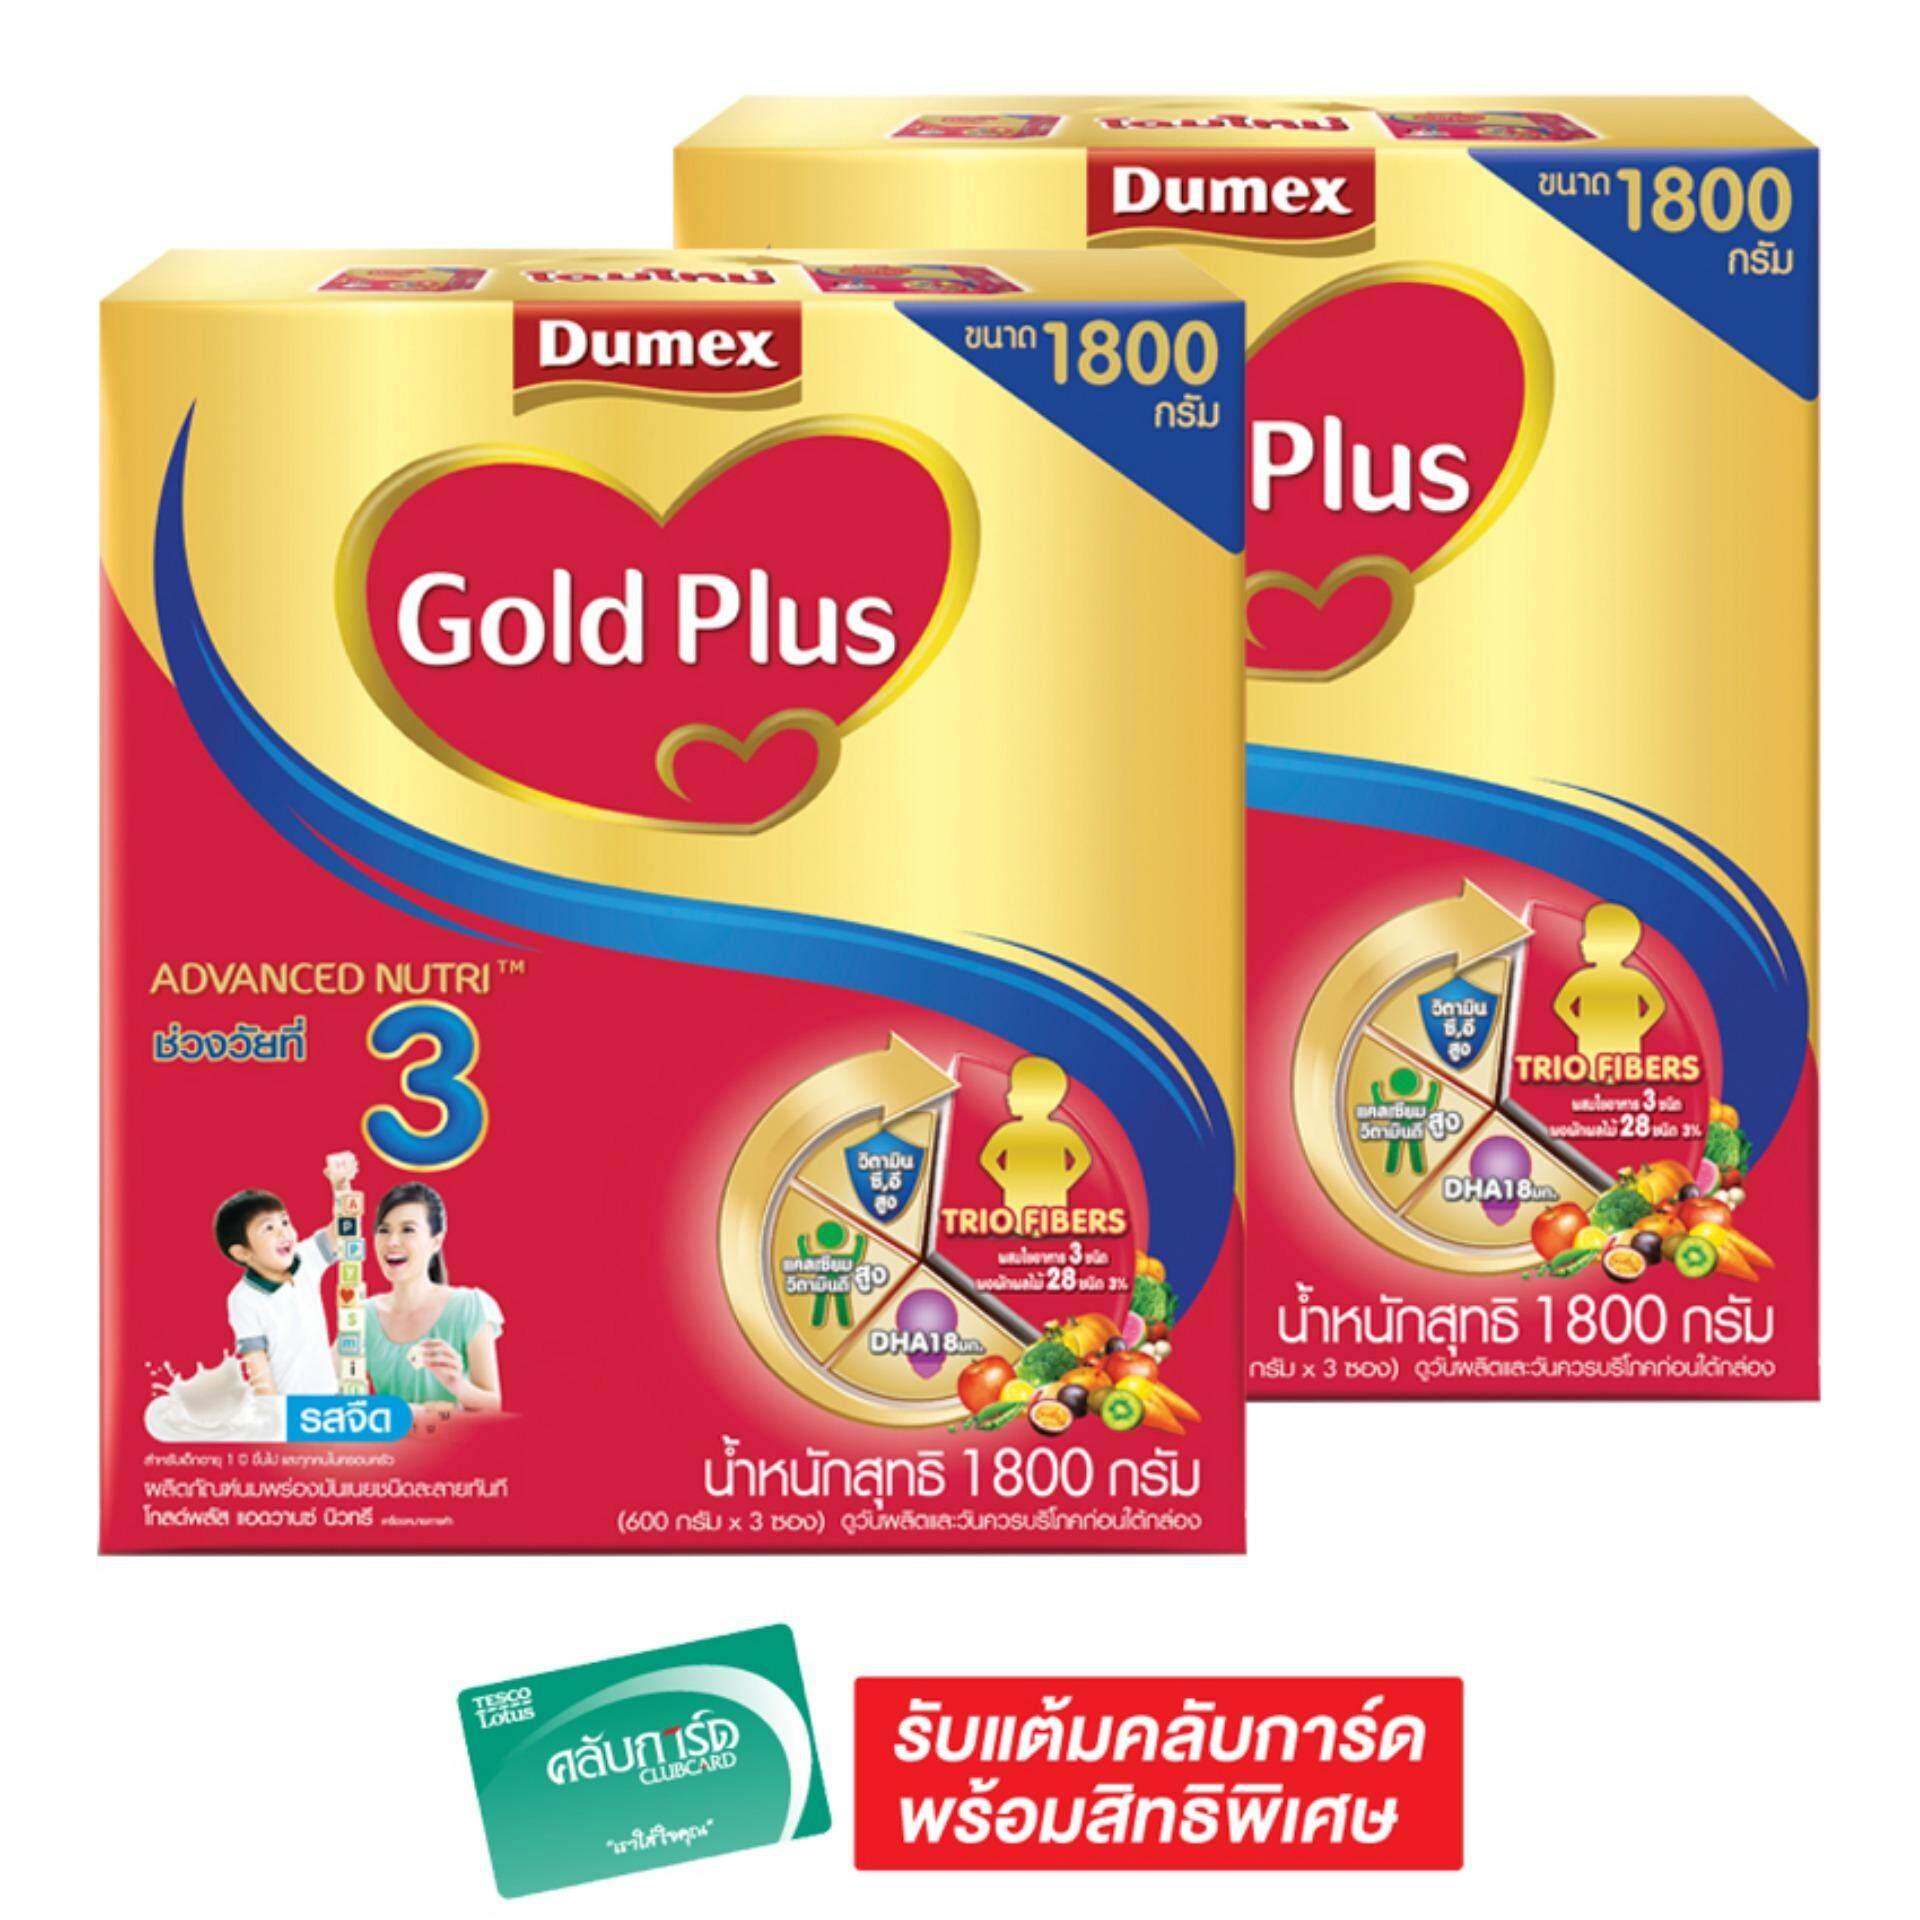 ส่วนลด Dumex ดูเม็กซ์ นมผง โกลด์ พลัส 3 รสจืด 1800 กรัม แพ็ค 2 กล่อง กรุงเทพมหานคร